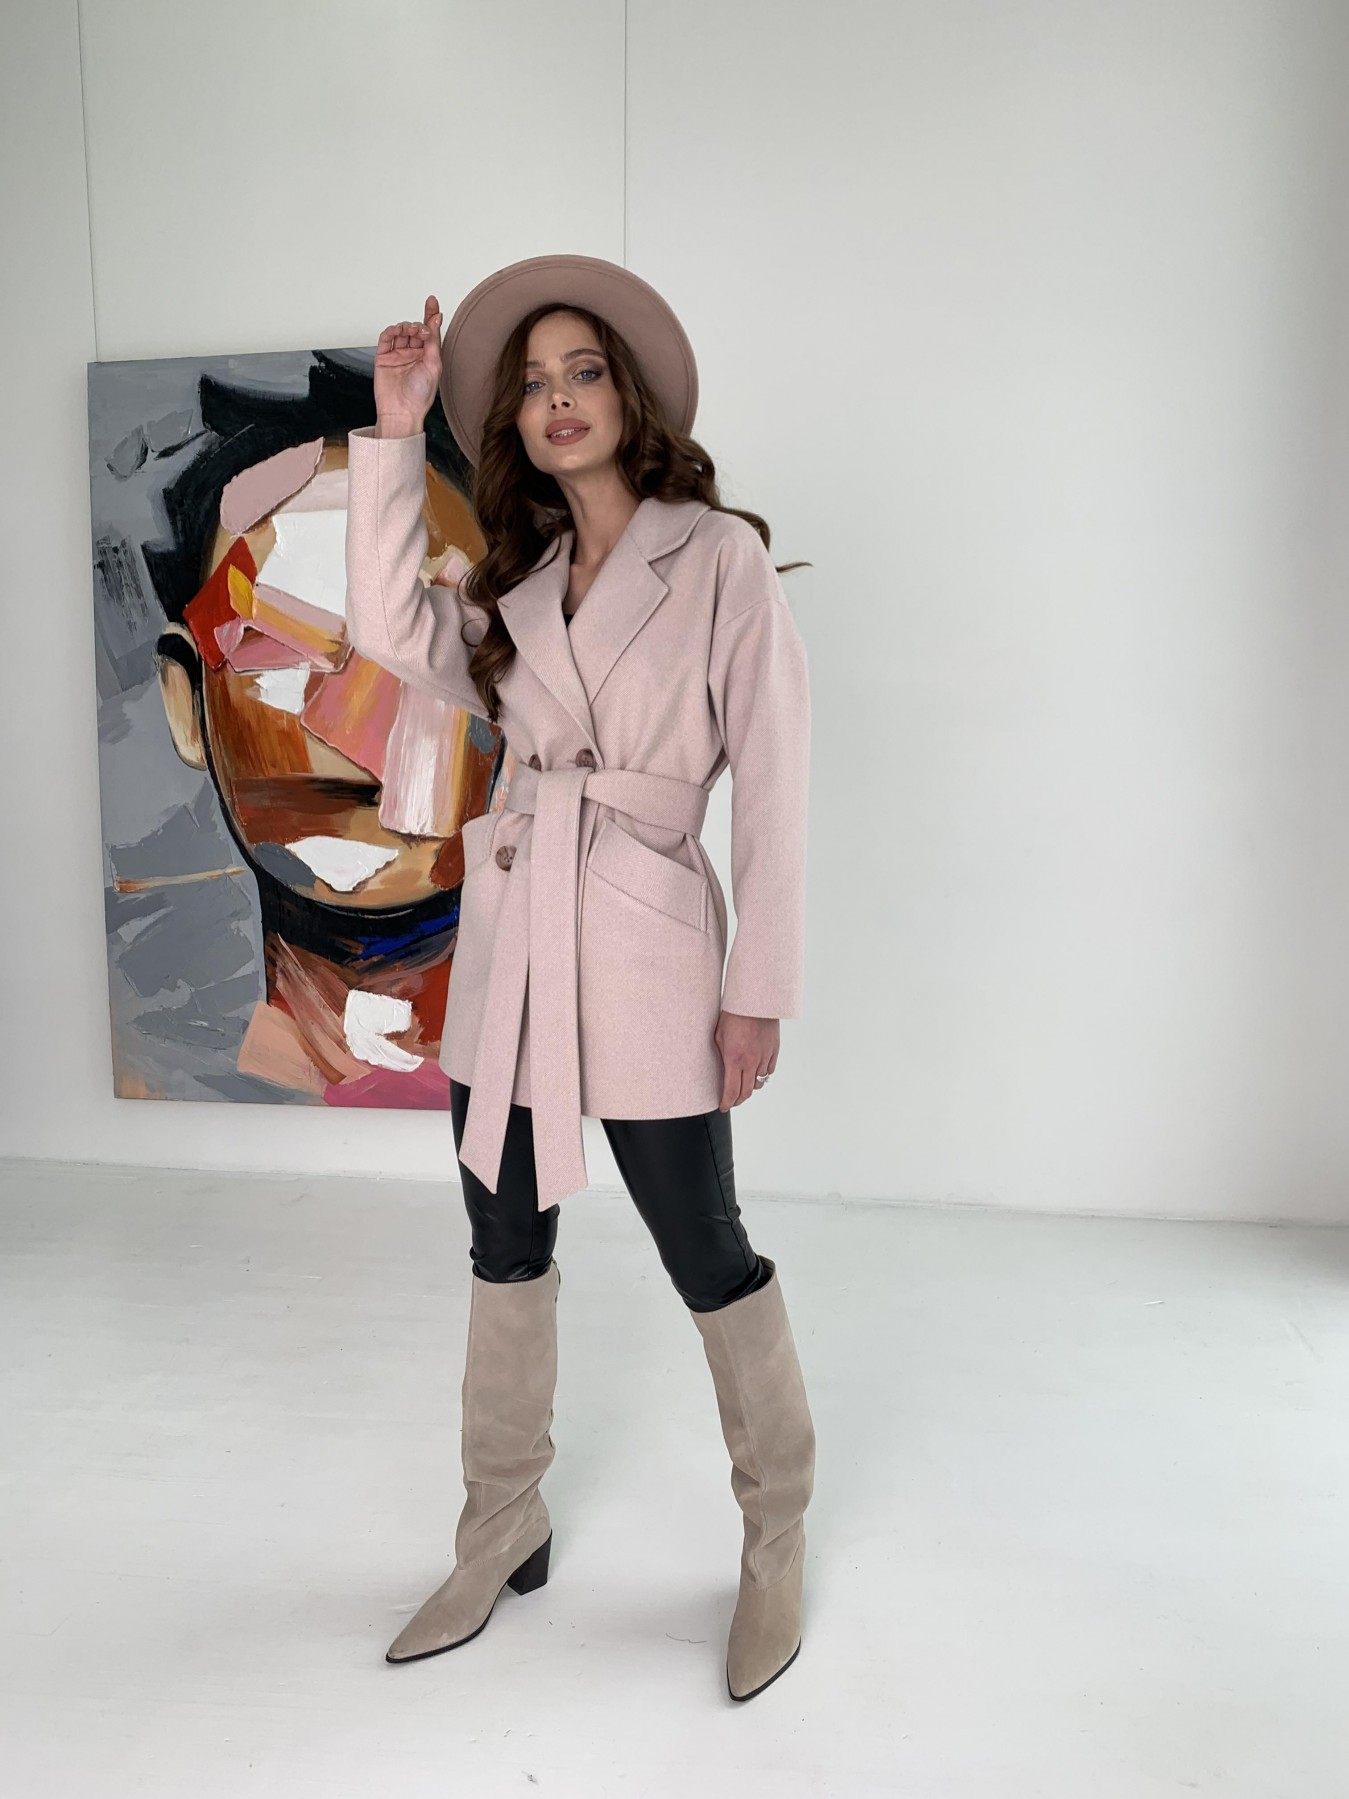 Бонд пальто из пальтовой ткани в мелкую елочку 10640 АРТ. 47007 Цвет: Пудра - фото 10, интернет магазин tm-modus.ru